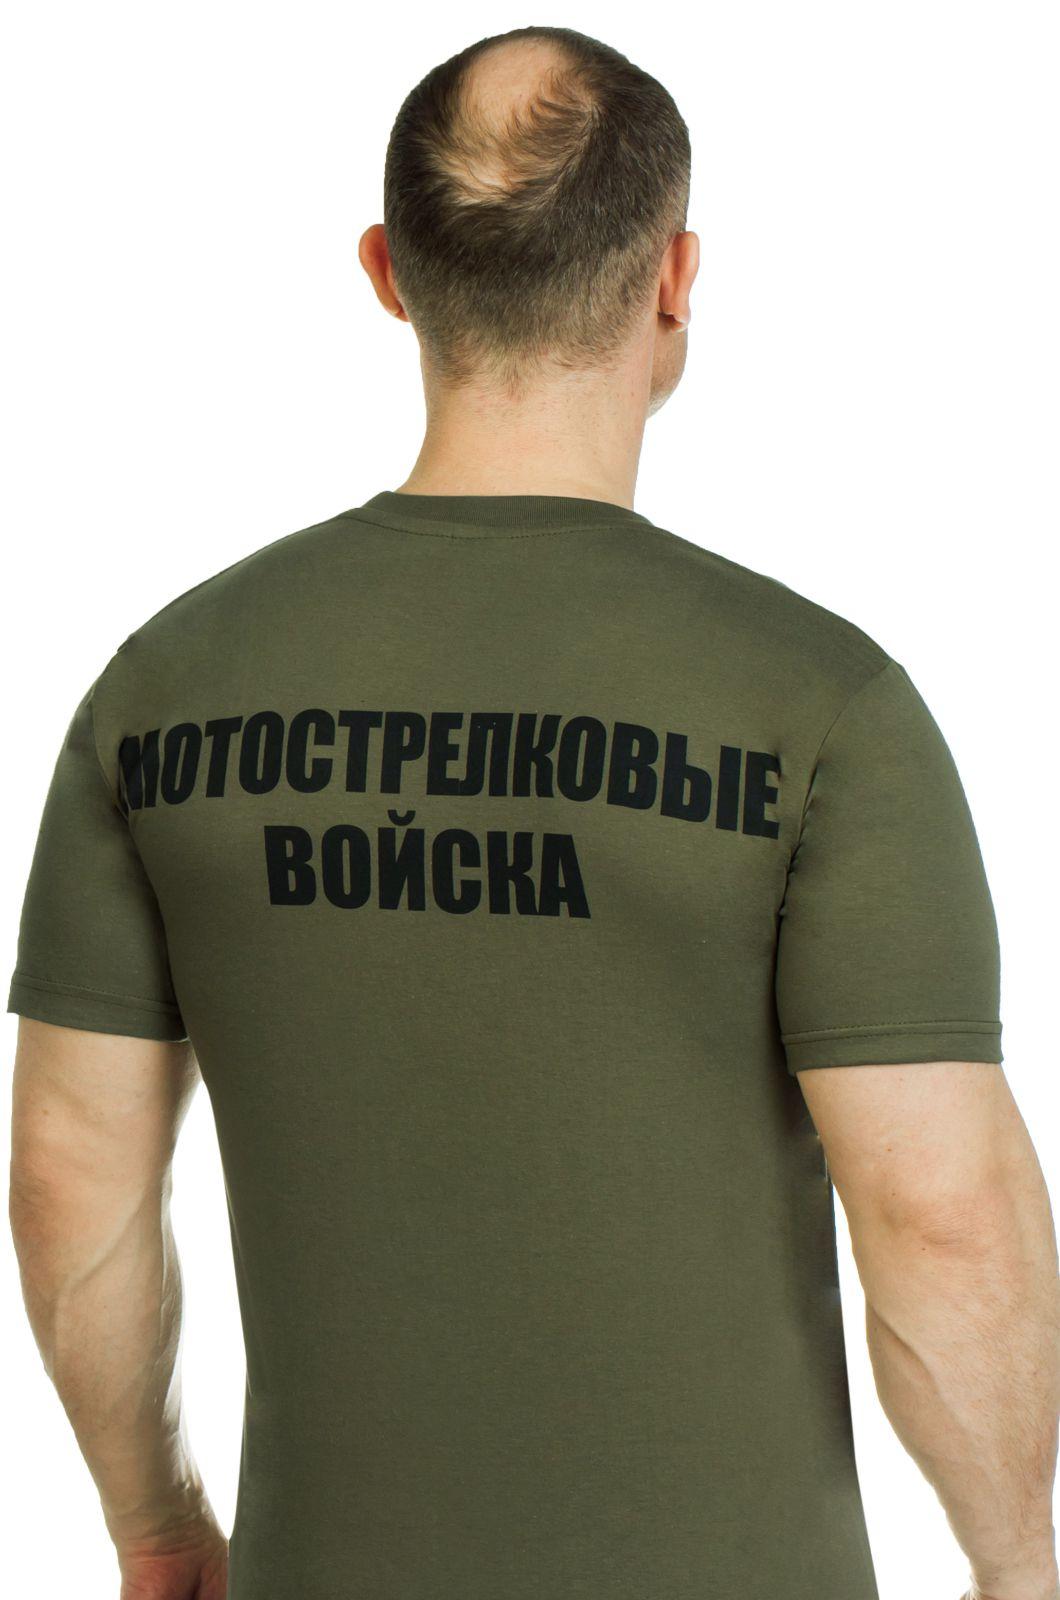 Футболка с эмблемой Мотострелковых войск по лучшей цене